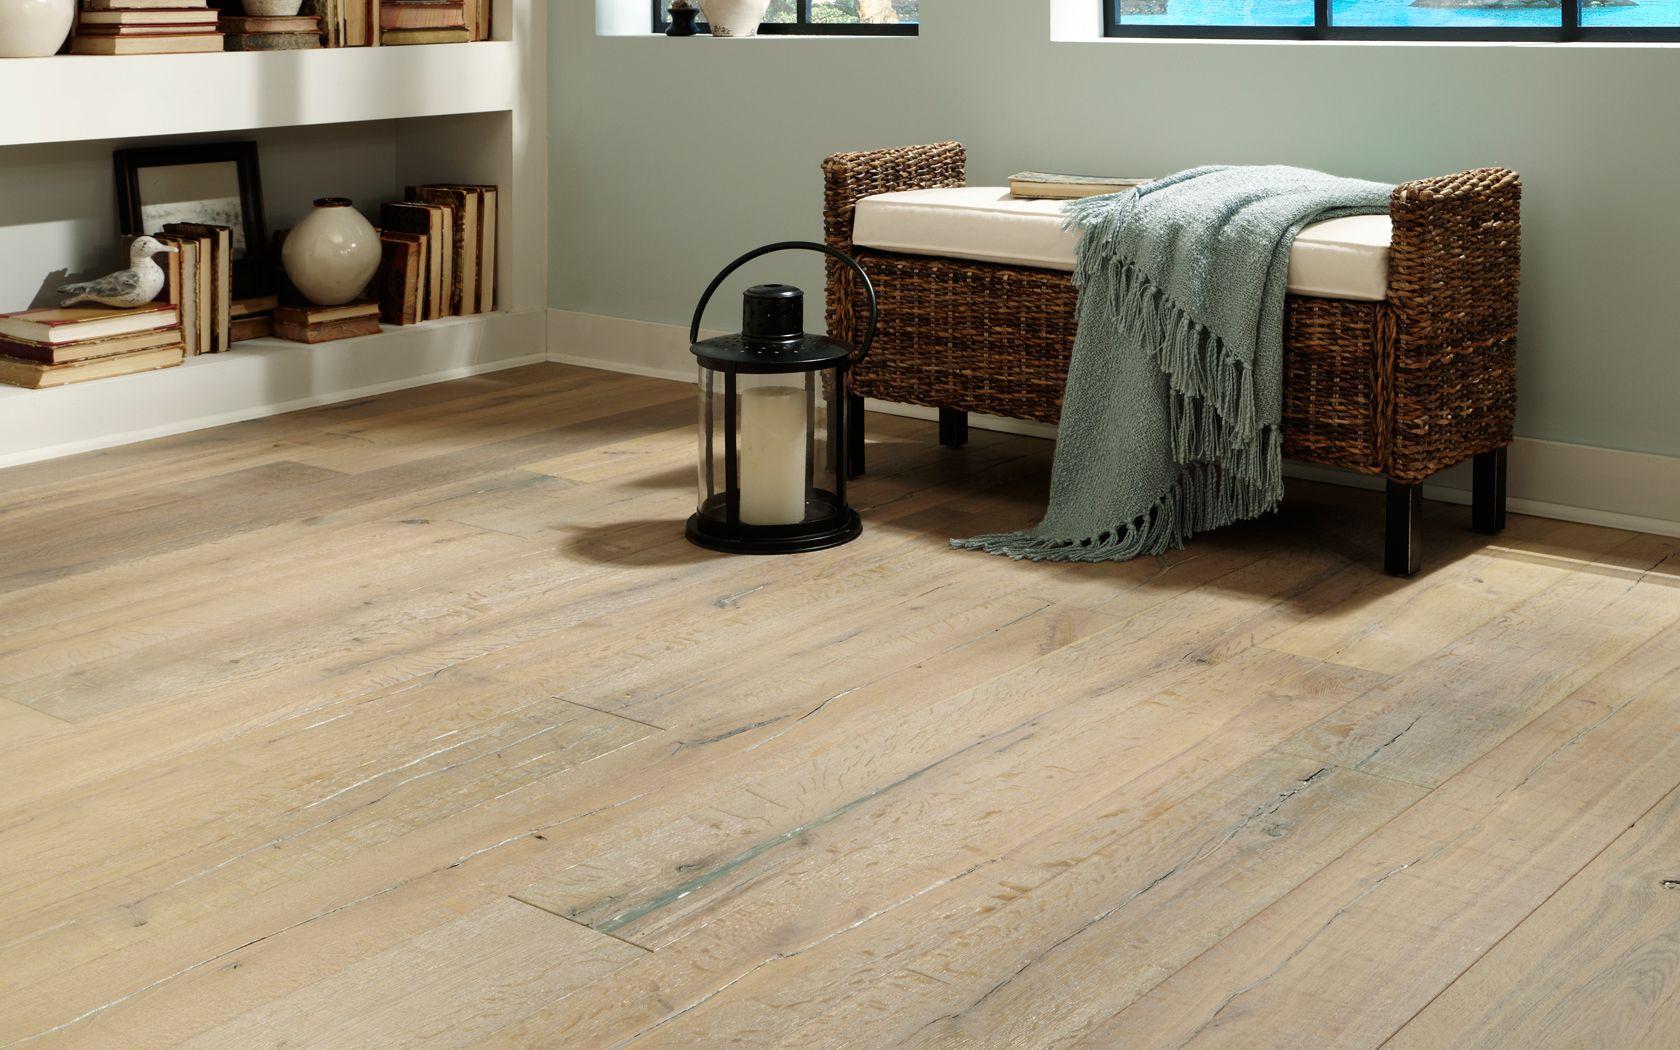 Superior Casabella Hardwood Flooring Portofino In Terrazzo Found At